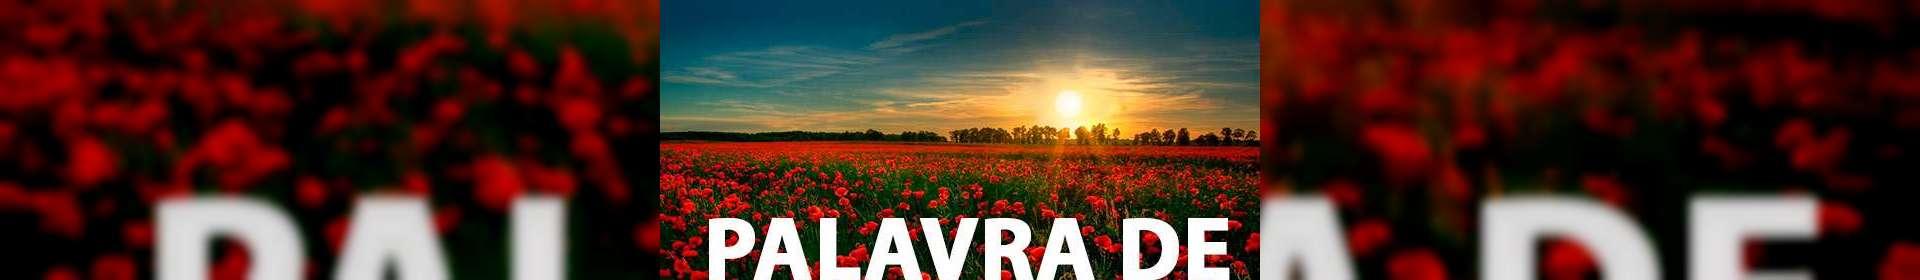 Salmos 116:7 - Uma Palavra de Esperança para sua vida